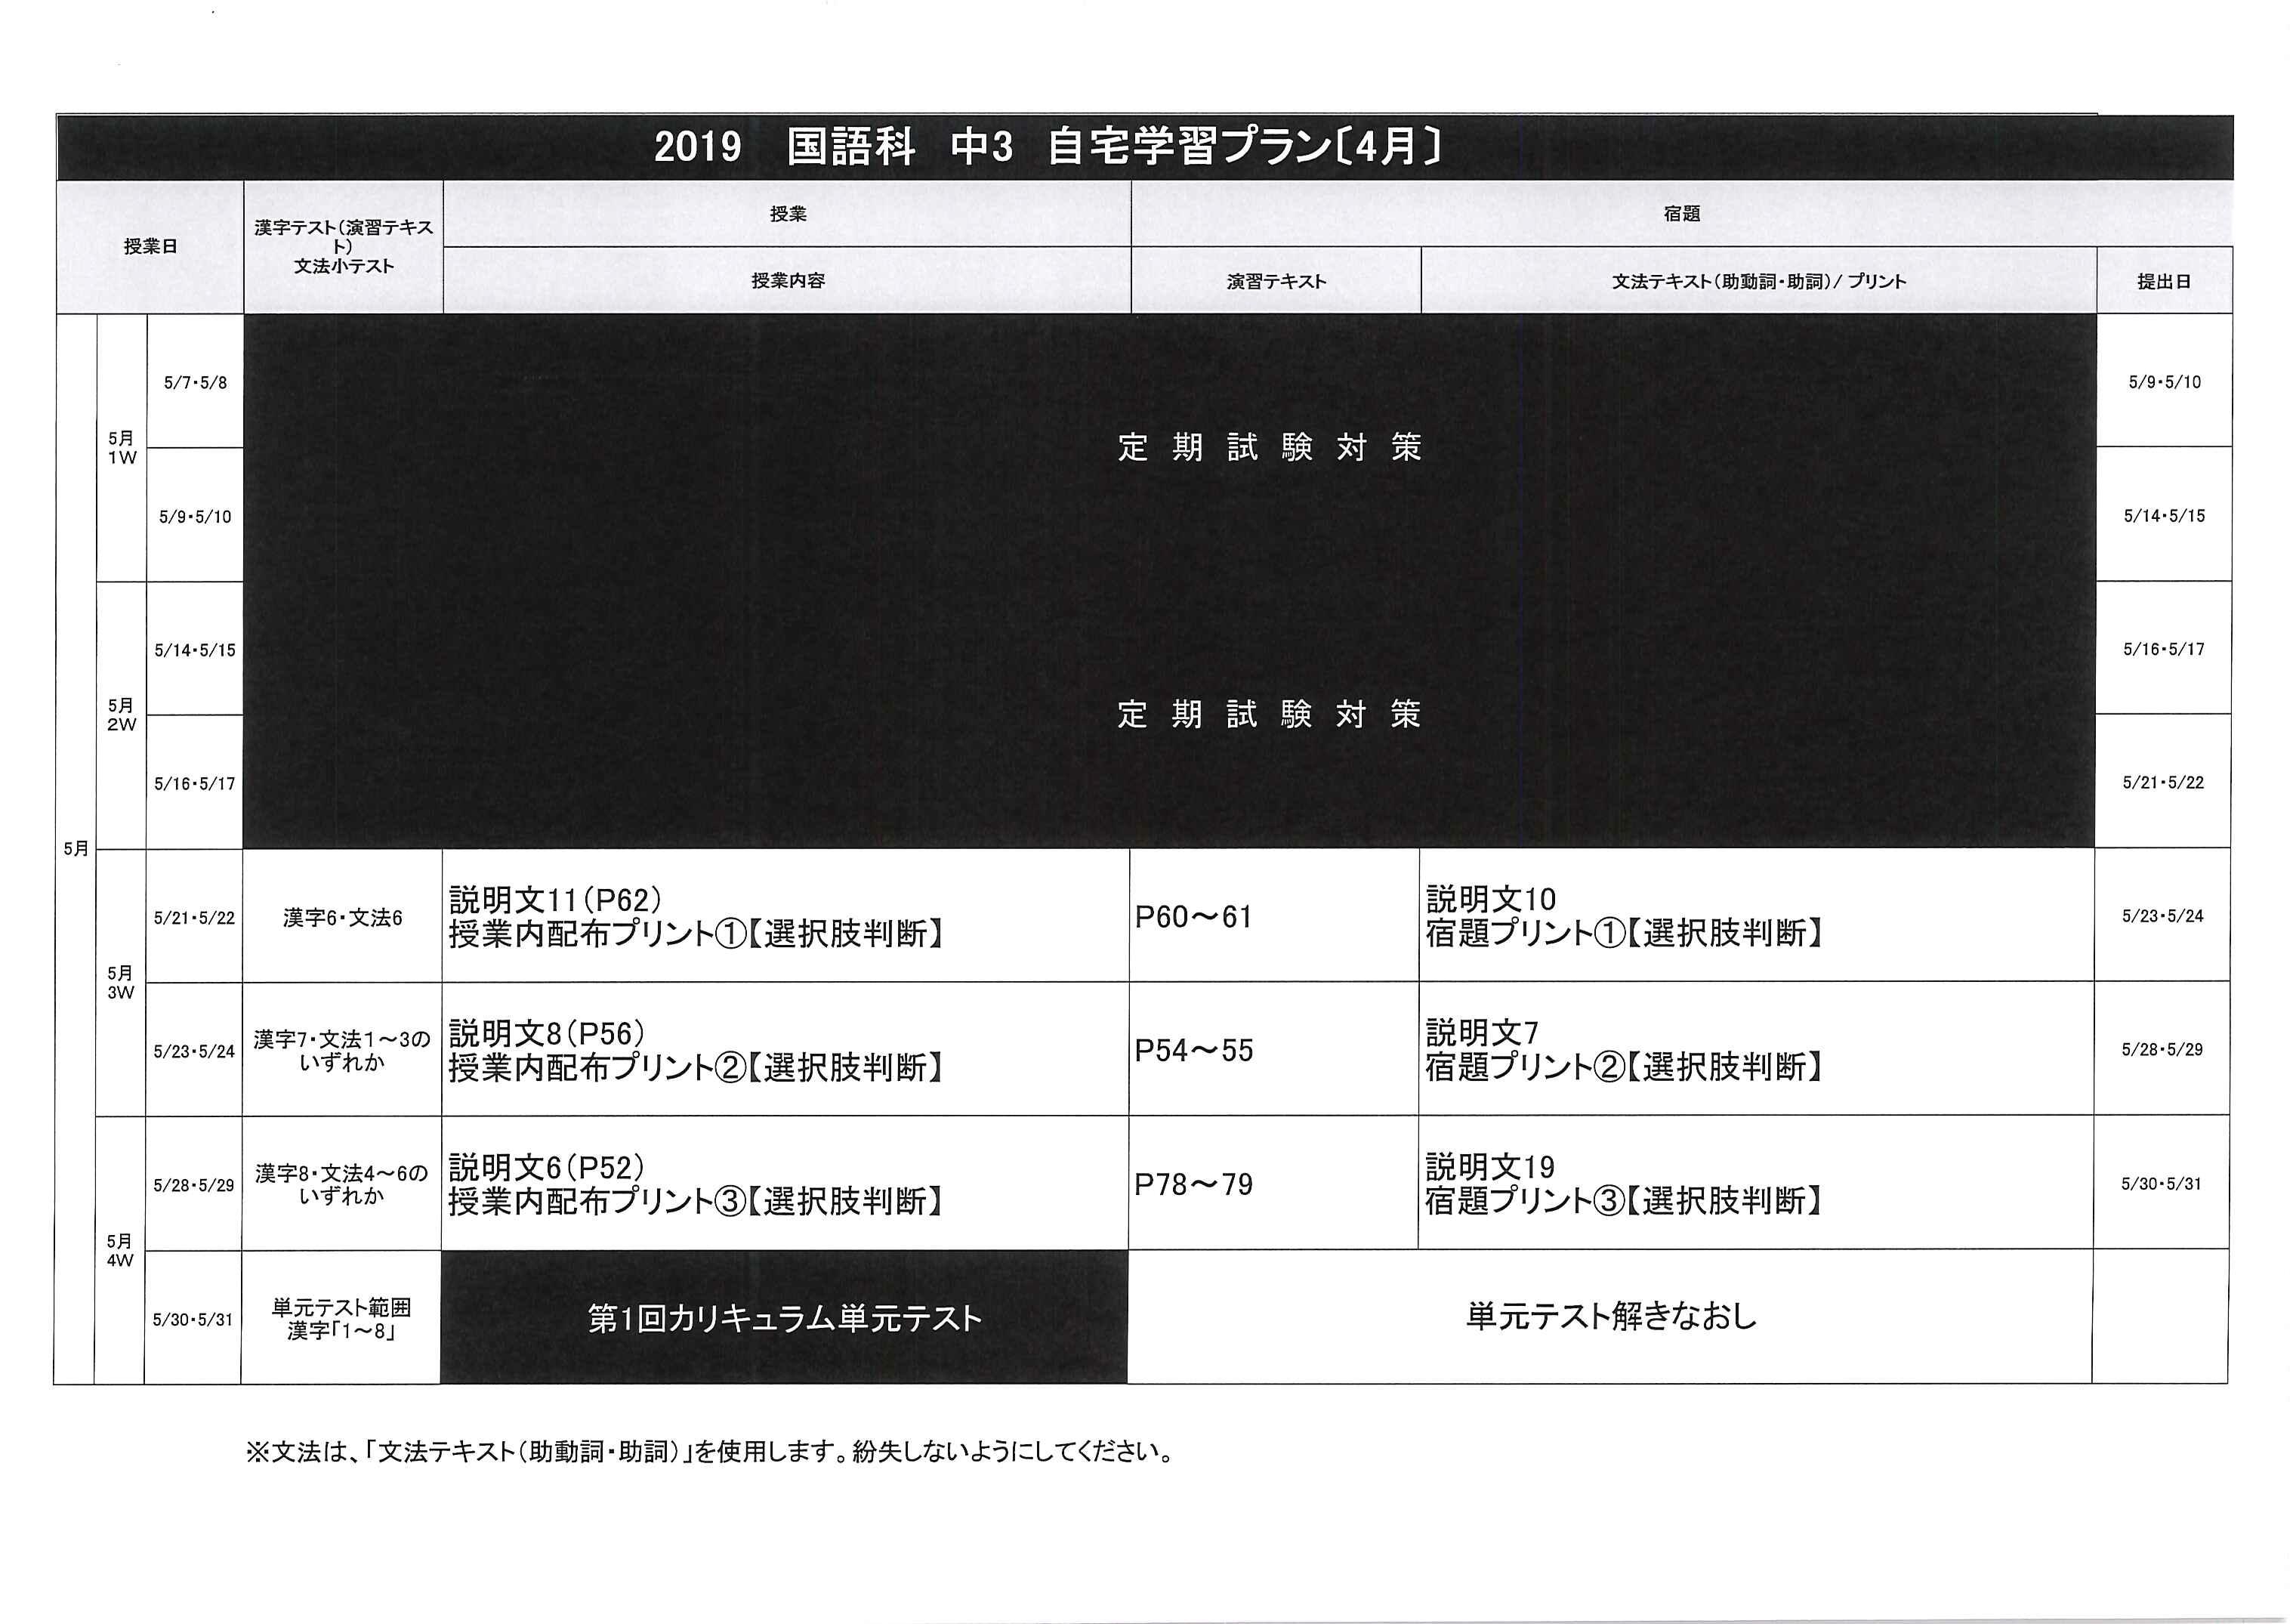 2019年5月中学生宿題小テスト表【HP用⑩】.png